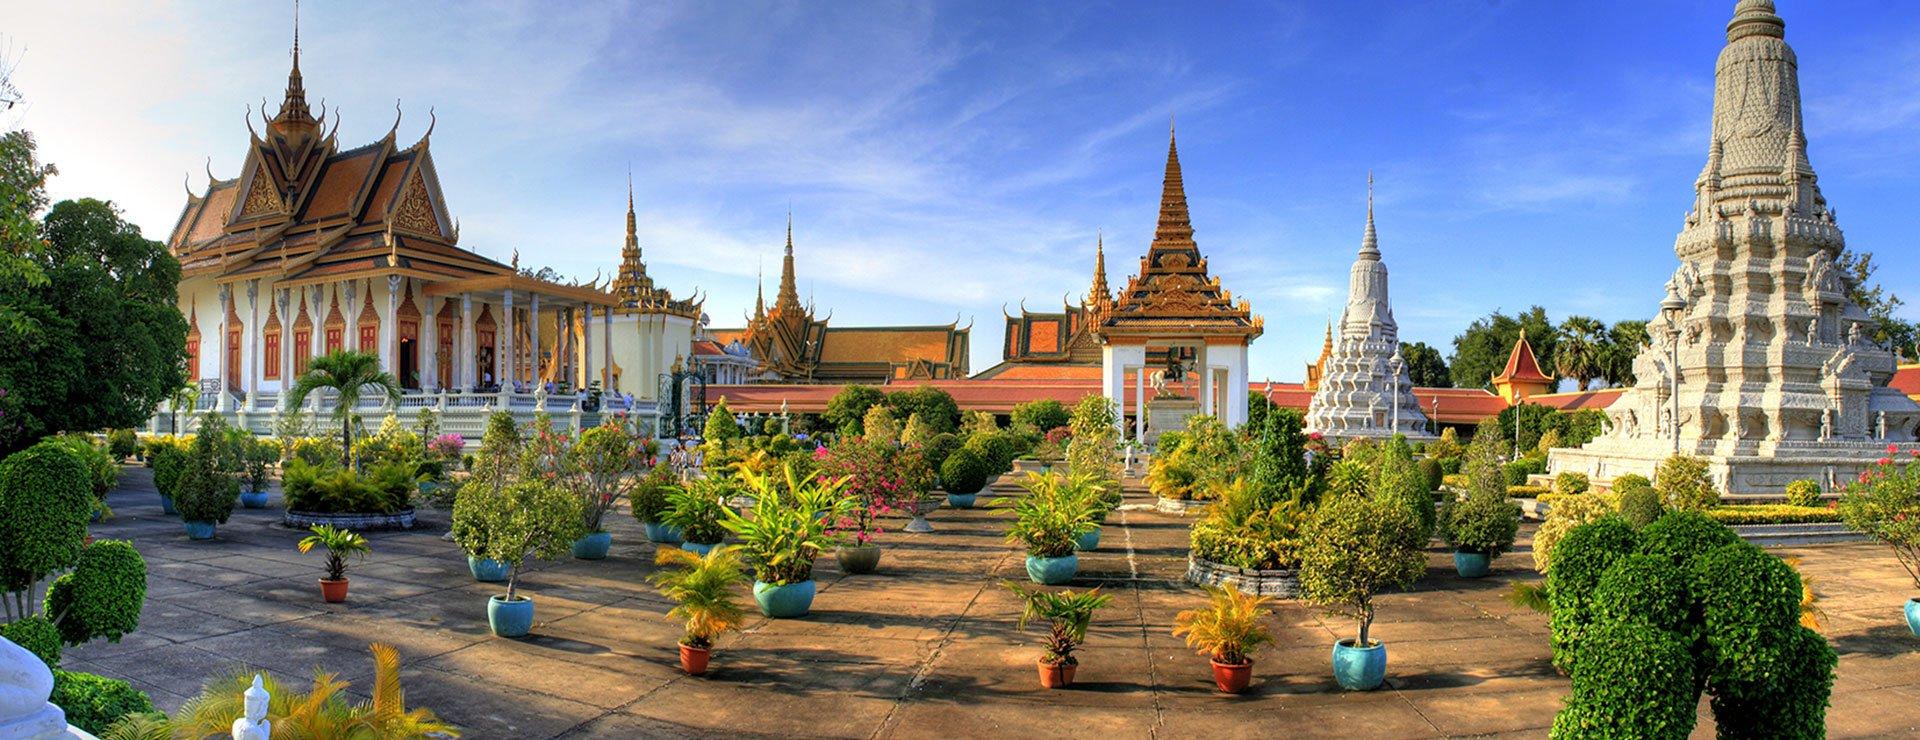 ¿Qué debe hacer con un día en Phnom Penh, Camboya?